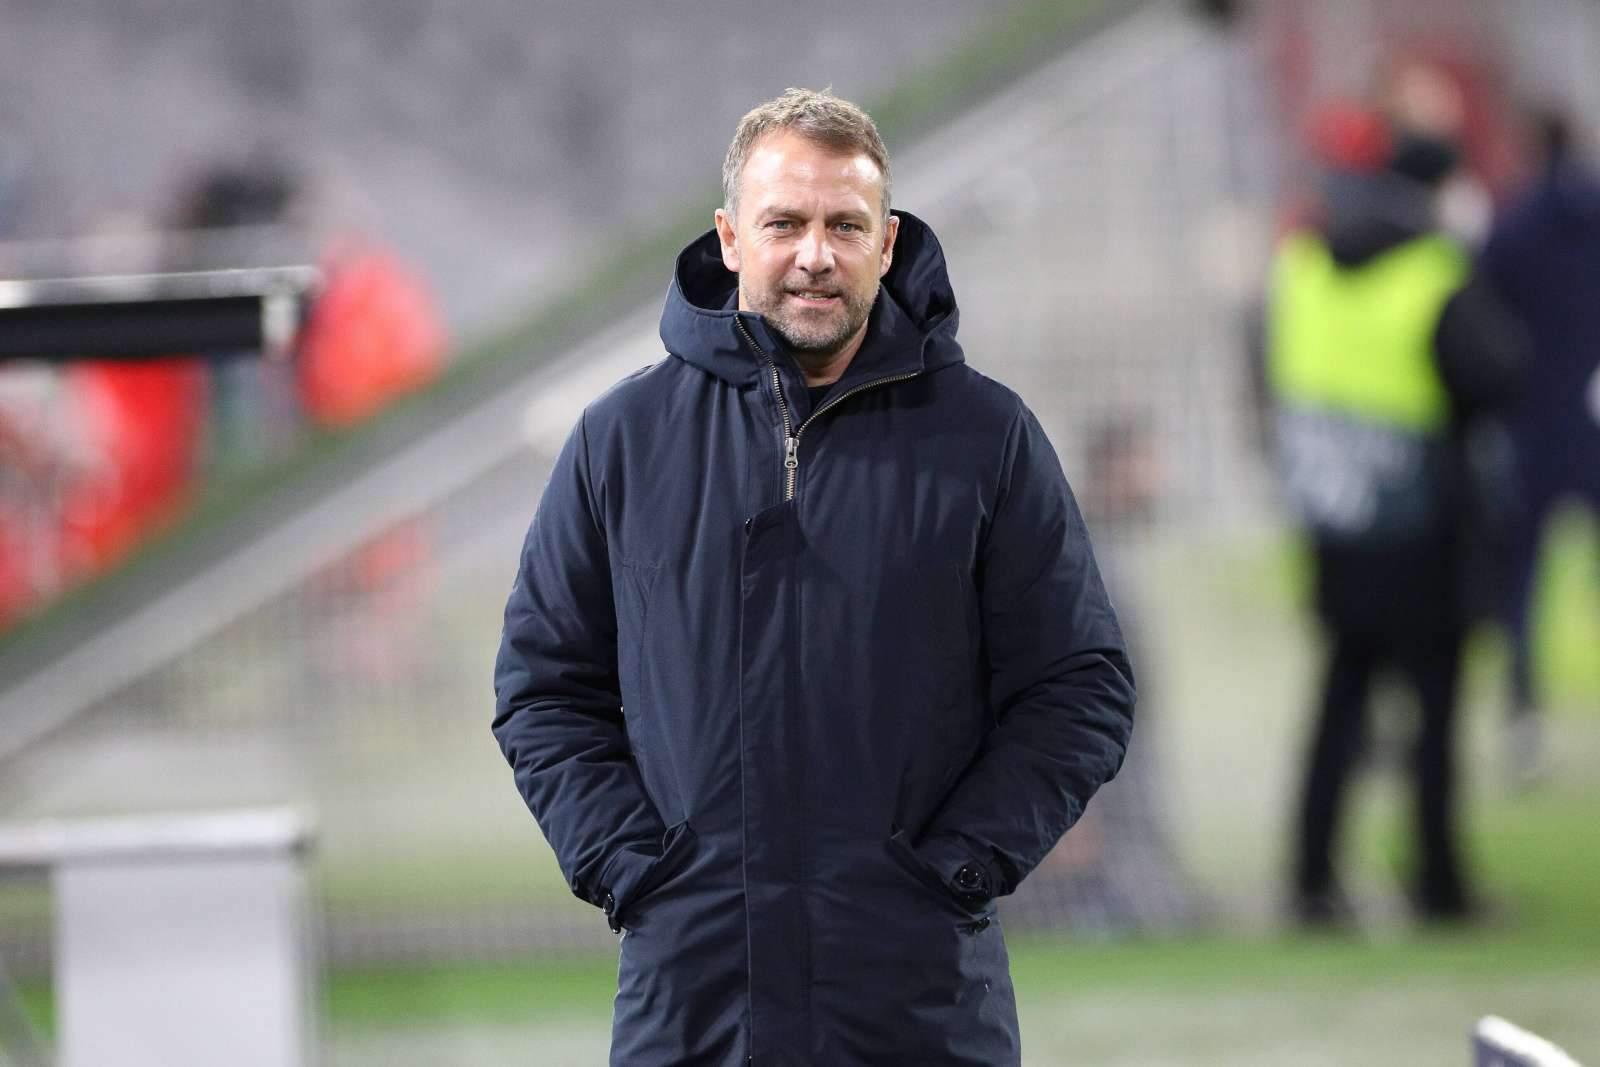 «Бавария» выступила с заявлением после слов Флика о желании уйти